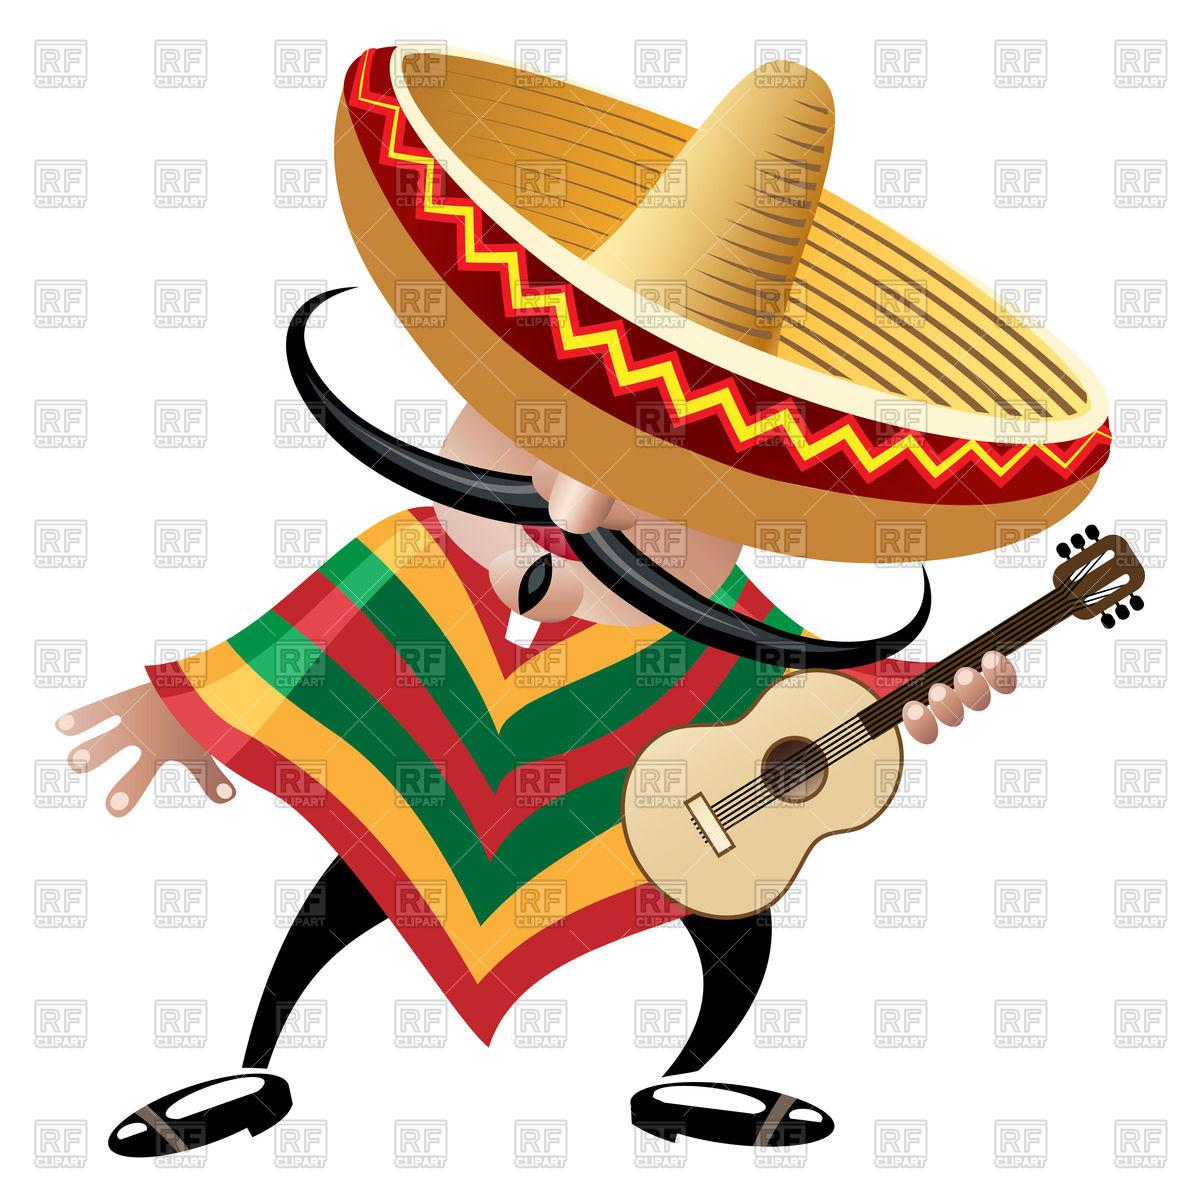 Sombrero Guitar Clipart - Clipart Kid